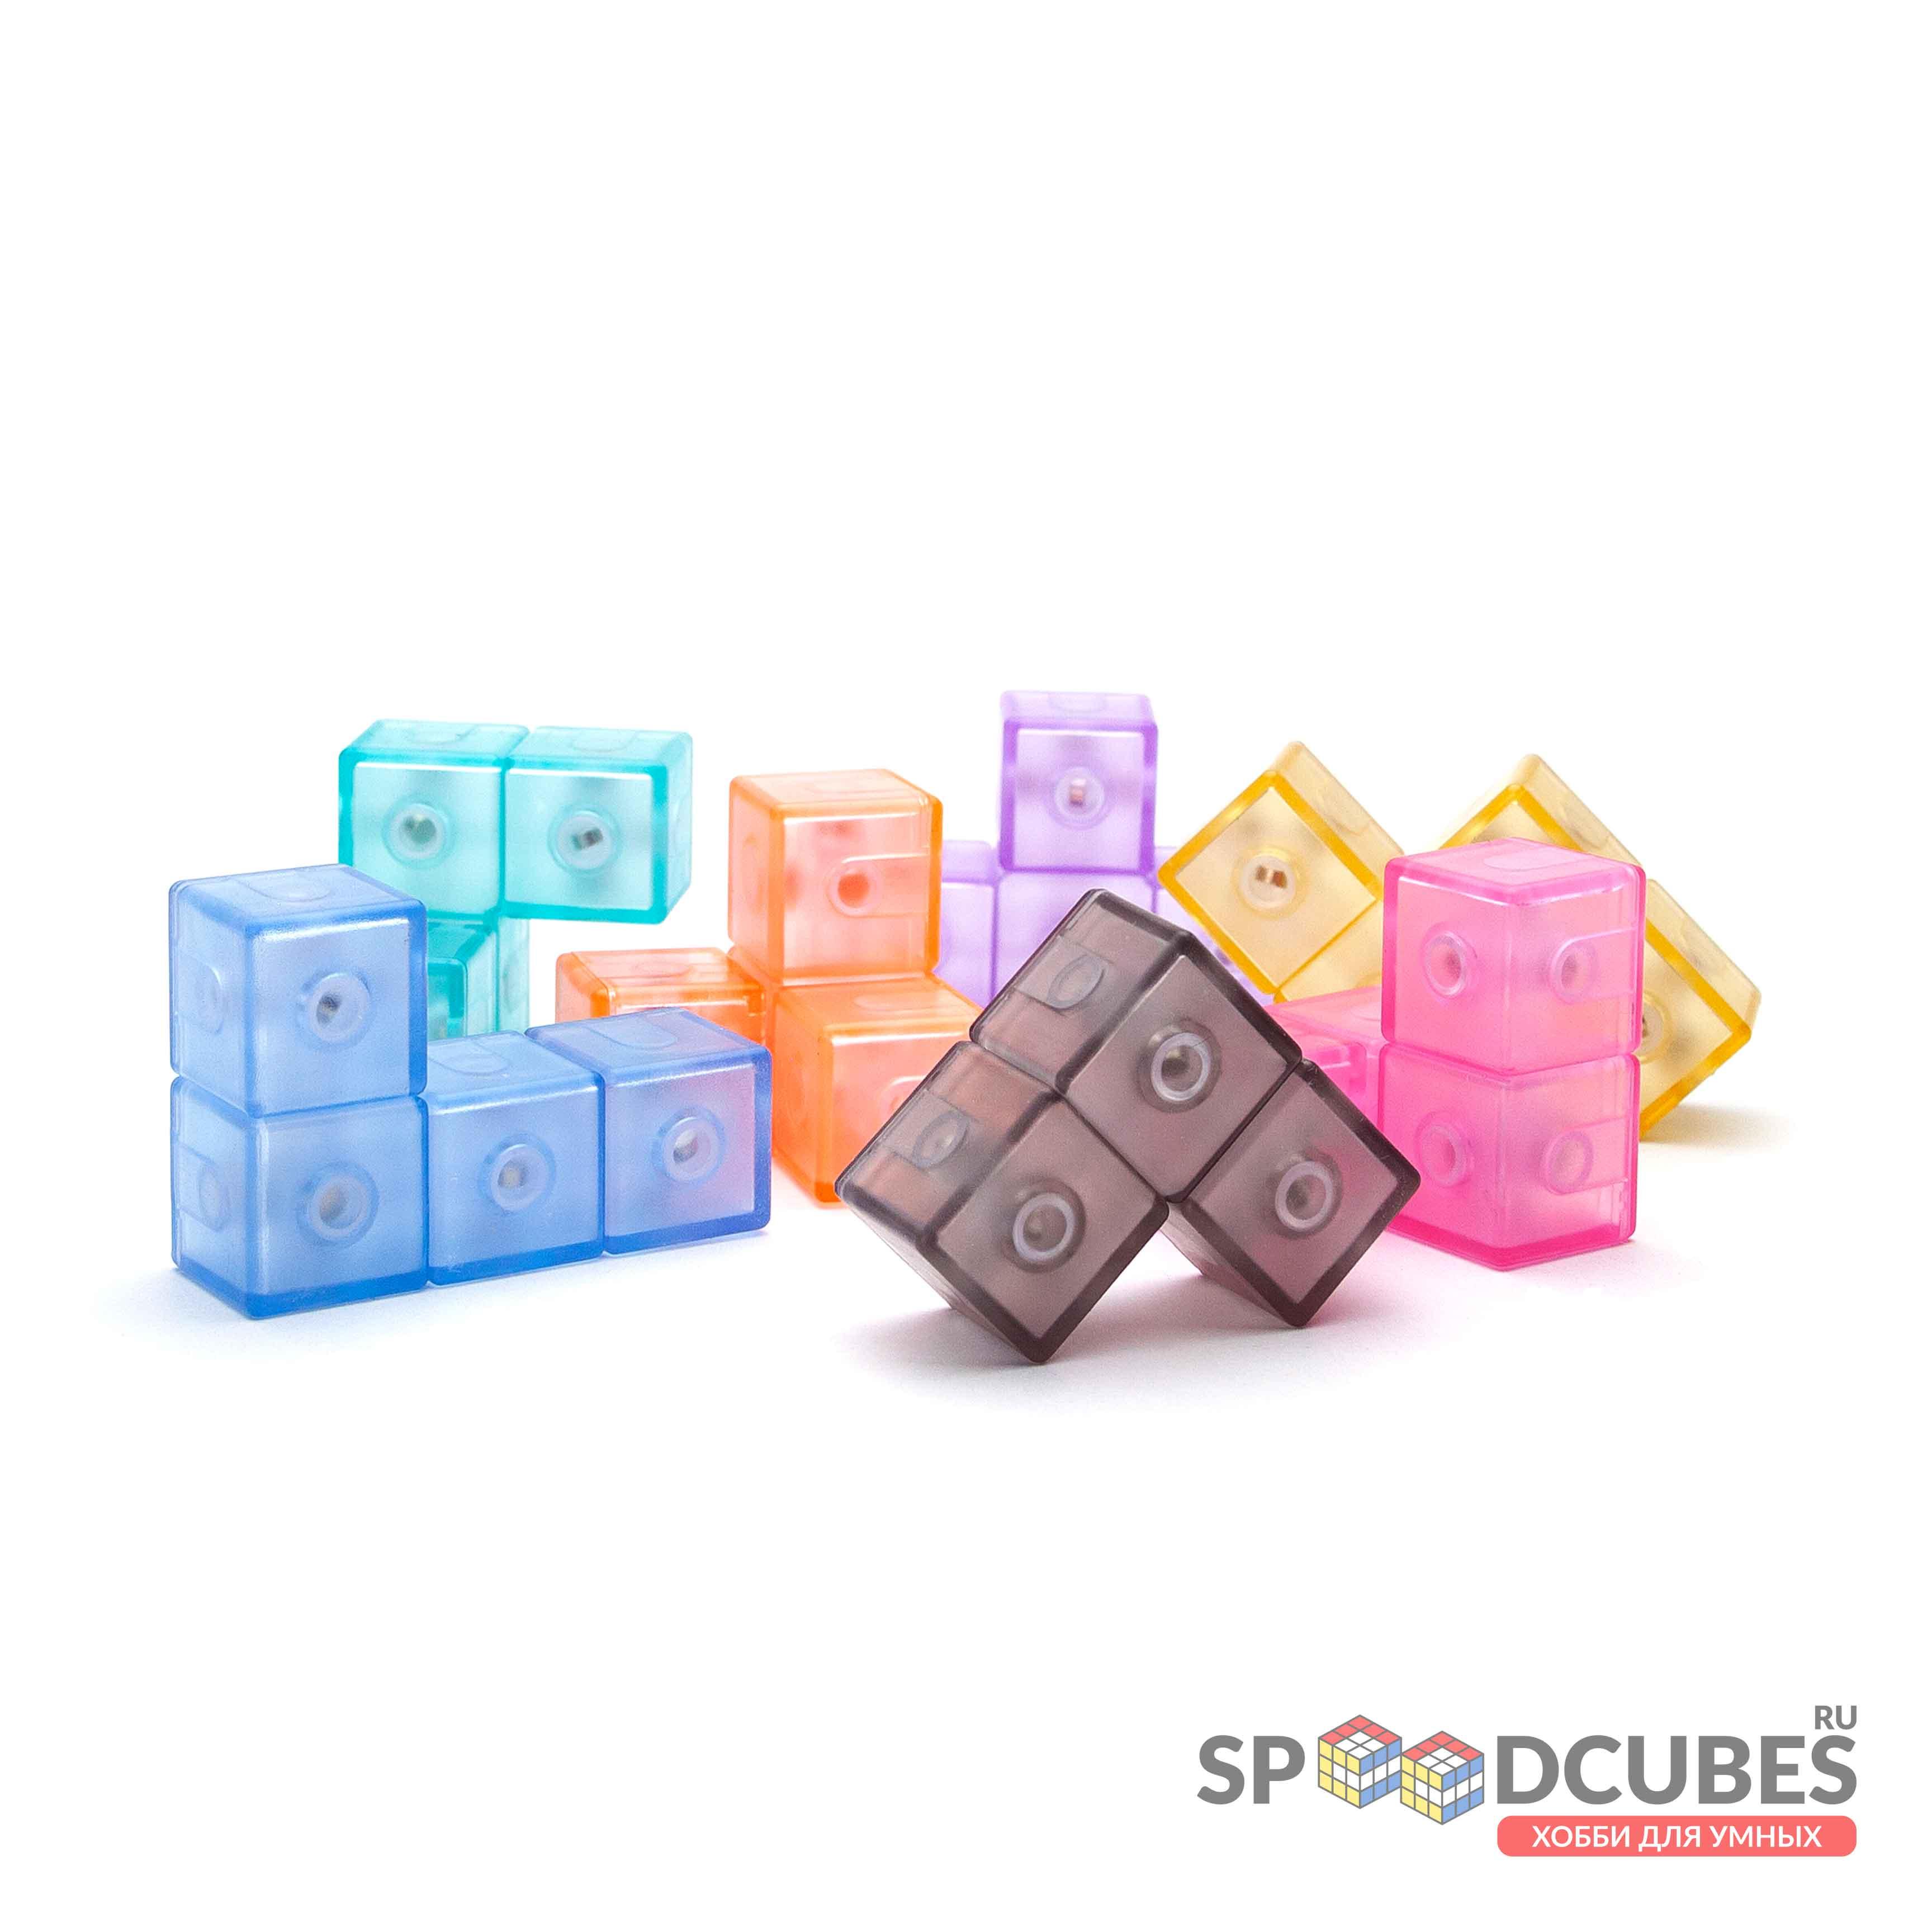 QiYi (MoFangGe) Magnetic Blocks